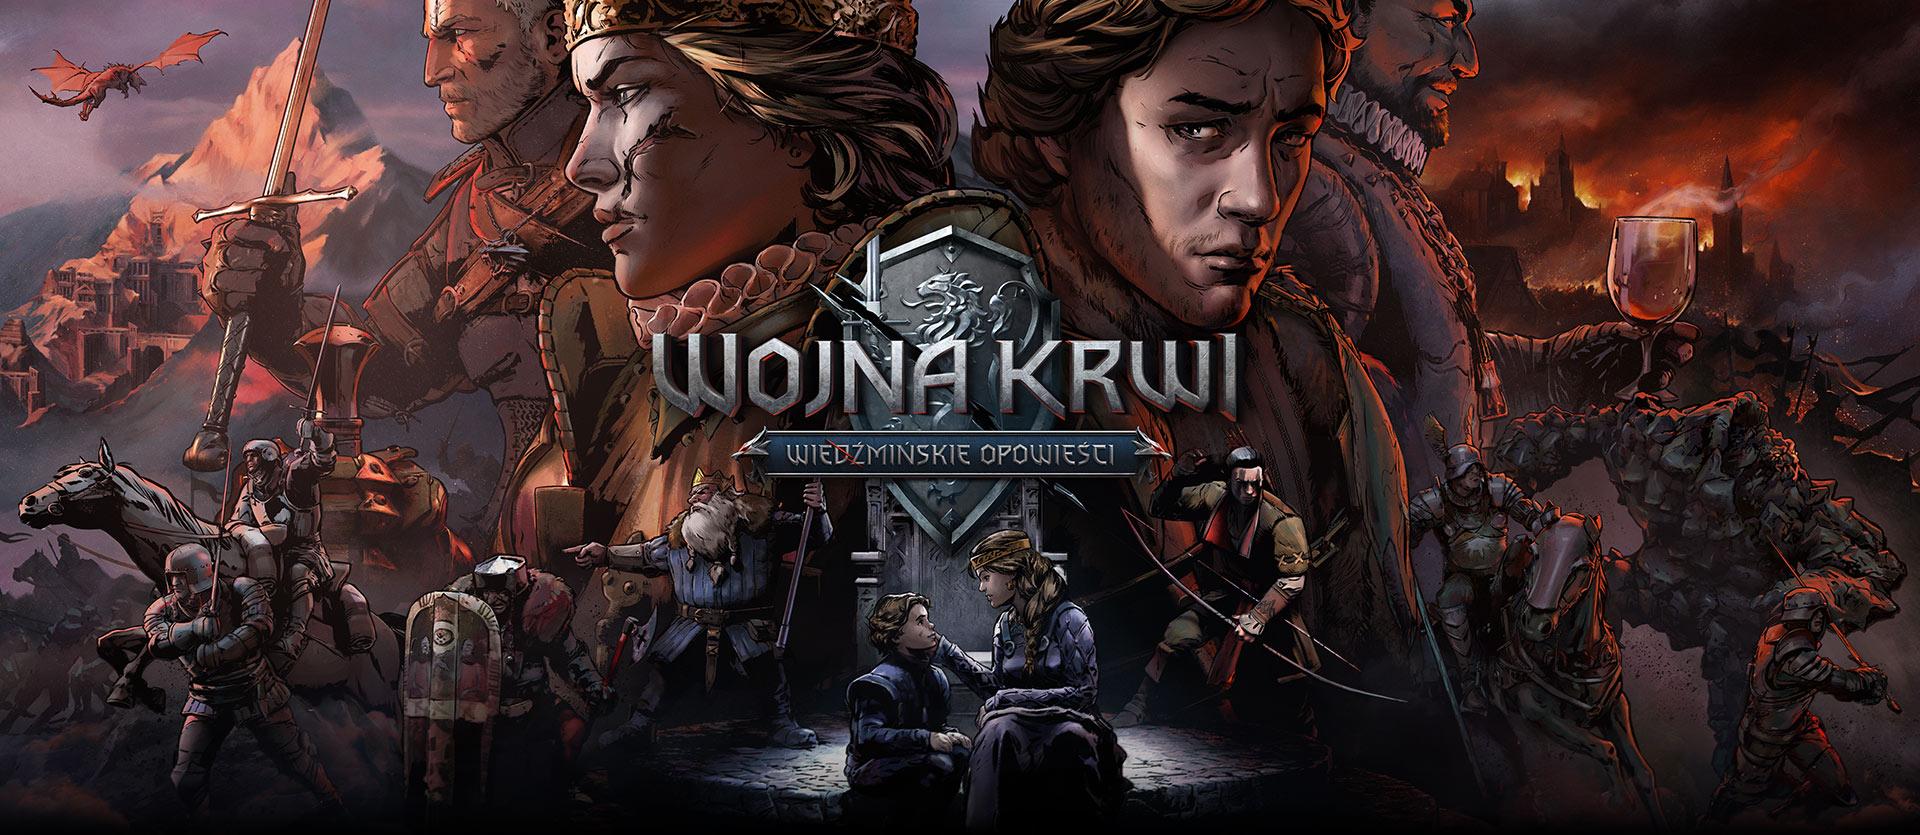 Wojna Krwi: Opowieści Wiedźmińskie, obraz w komiksowym stylu, dwie armie oraz ich przywódcy po obu stronach.